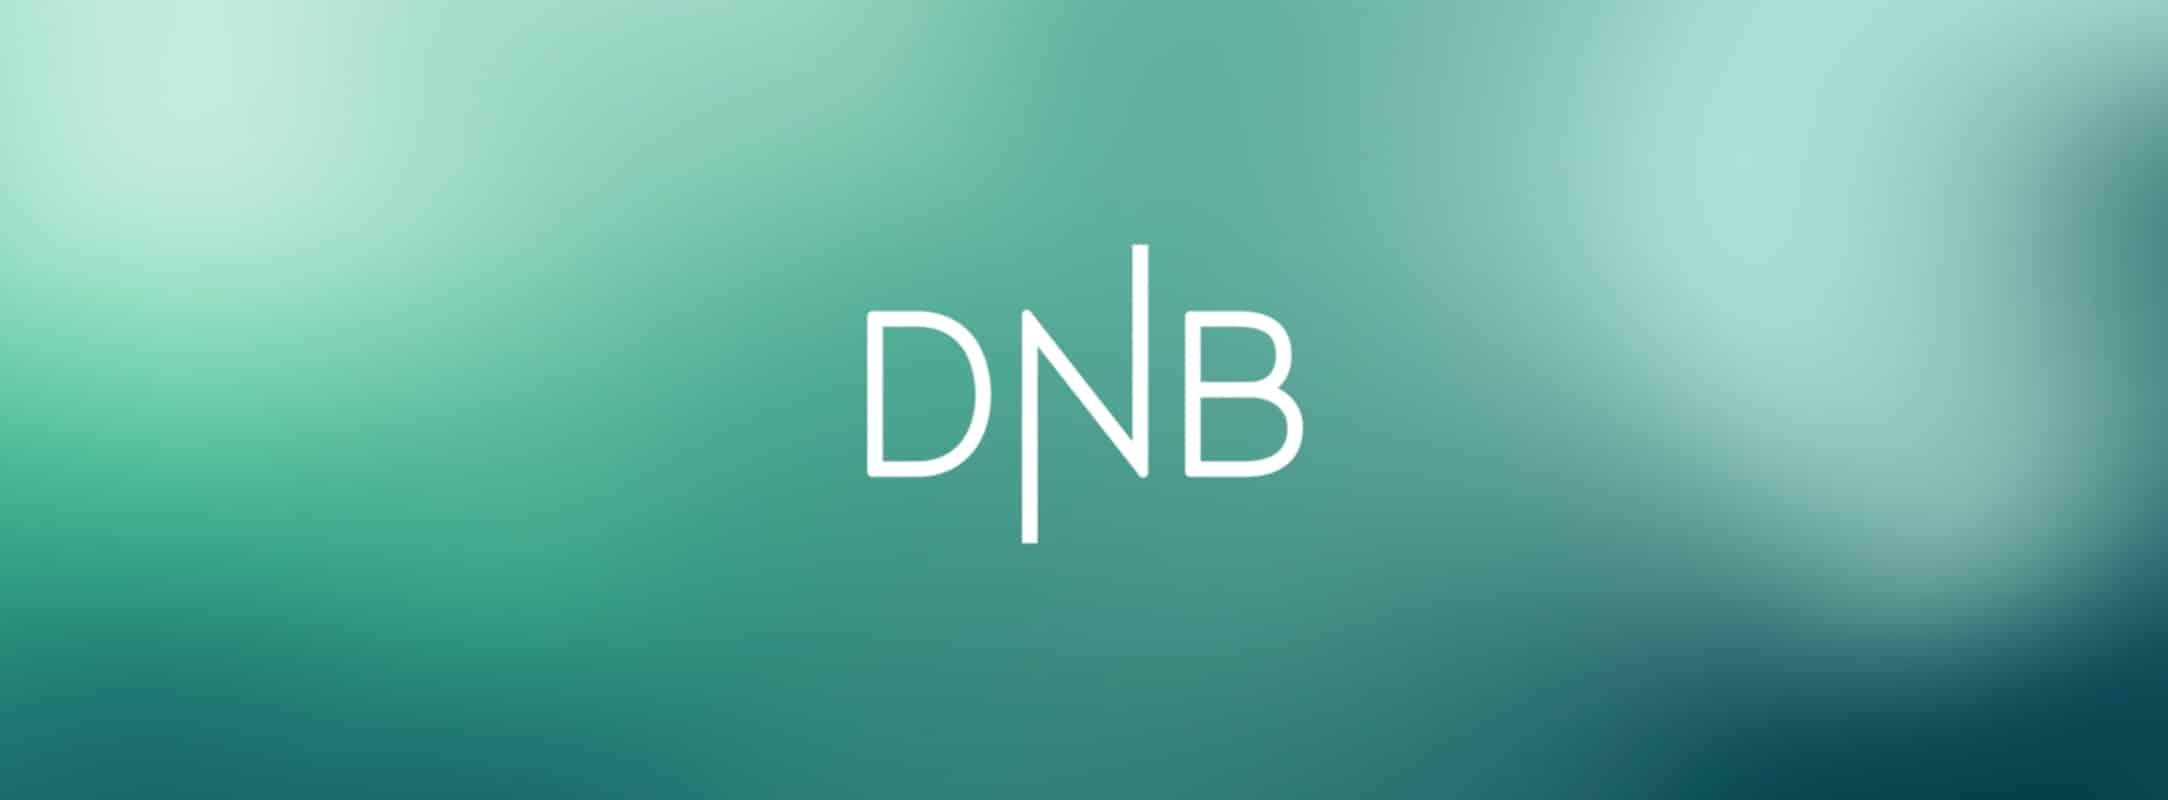 DNB-ansatt spilte bort flere hundre tusen kroner med firmakortet element01 - CasinoTopp